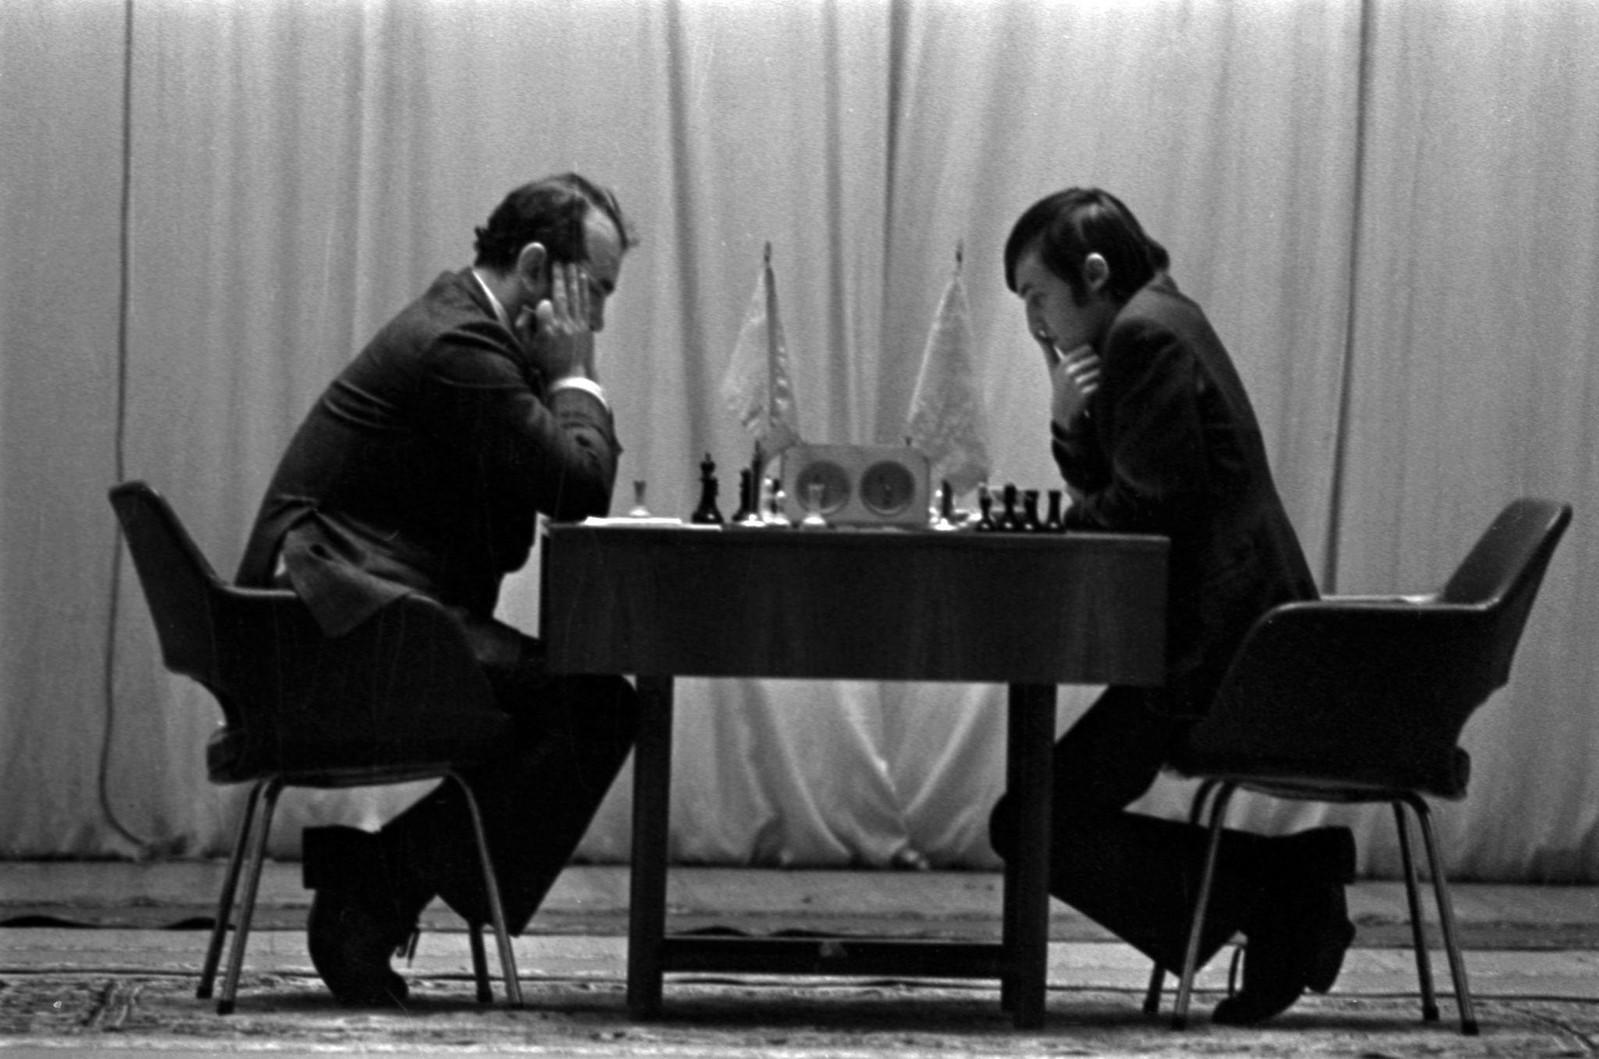 1975. Шахматный матч между Виктором Корчным и Анатолием Карповым в Колонном зале Дома Союзов (2)